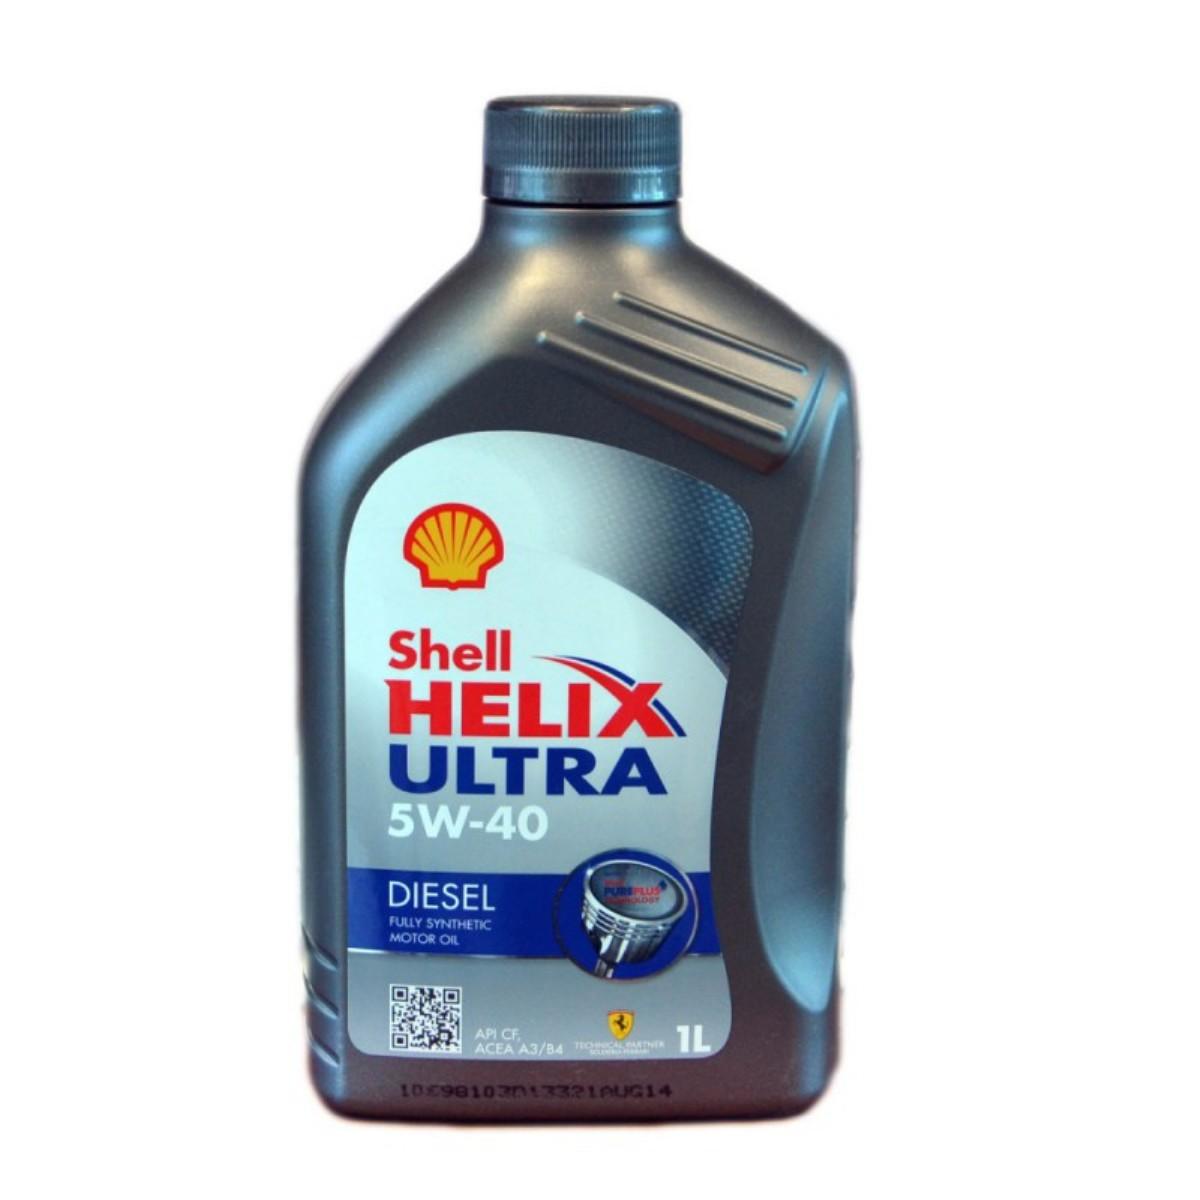 Моторное масло Shell Helix Ultra Diesel 5w40 CF, синтетика, 1 л550040552Полностью синтетическое моторное масло для современных дизельных двигателей, созданное на основе уникальной технологии Shell PurePlus. Разработано для двигателей с турбонаддувом, с промежуточным охлаждением, с прямым впрыском топлива.Допуски и одобрения BMW LL-01, [Fiat 9.55535-Z2], MB-Approval 226.5, MB-Approval 229.5, Renault RN0710, VW 505.00